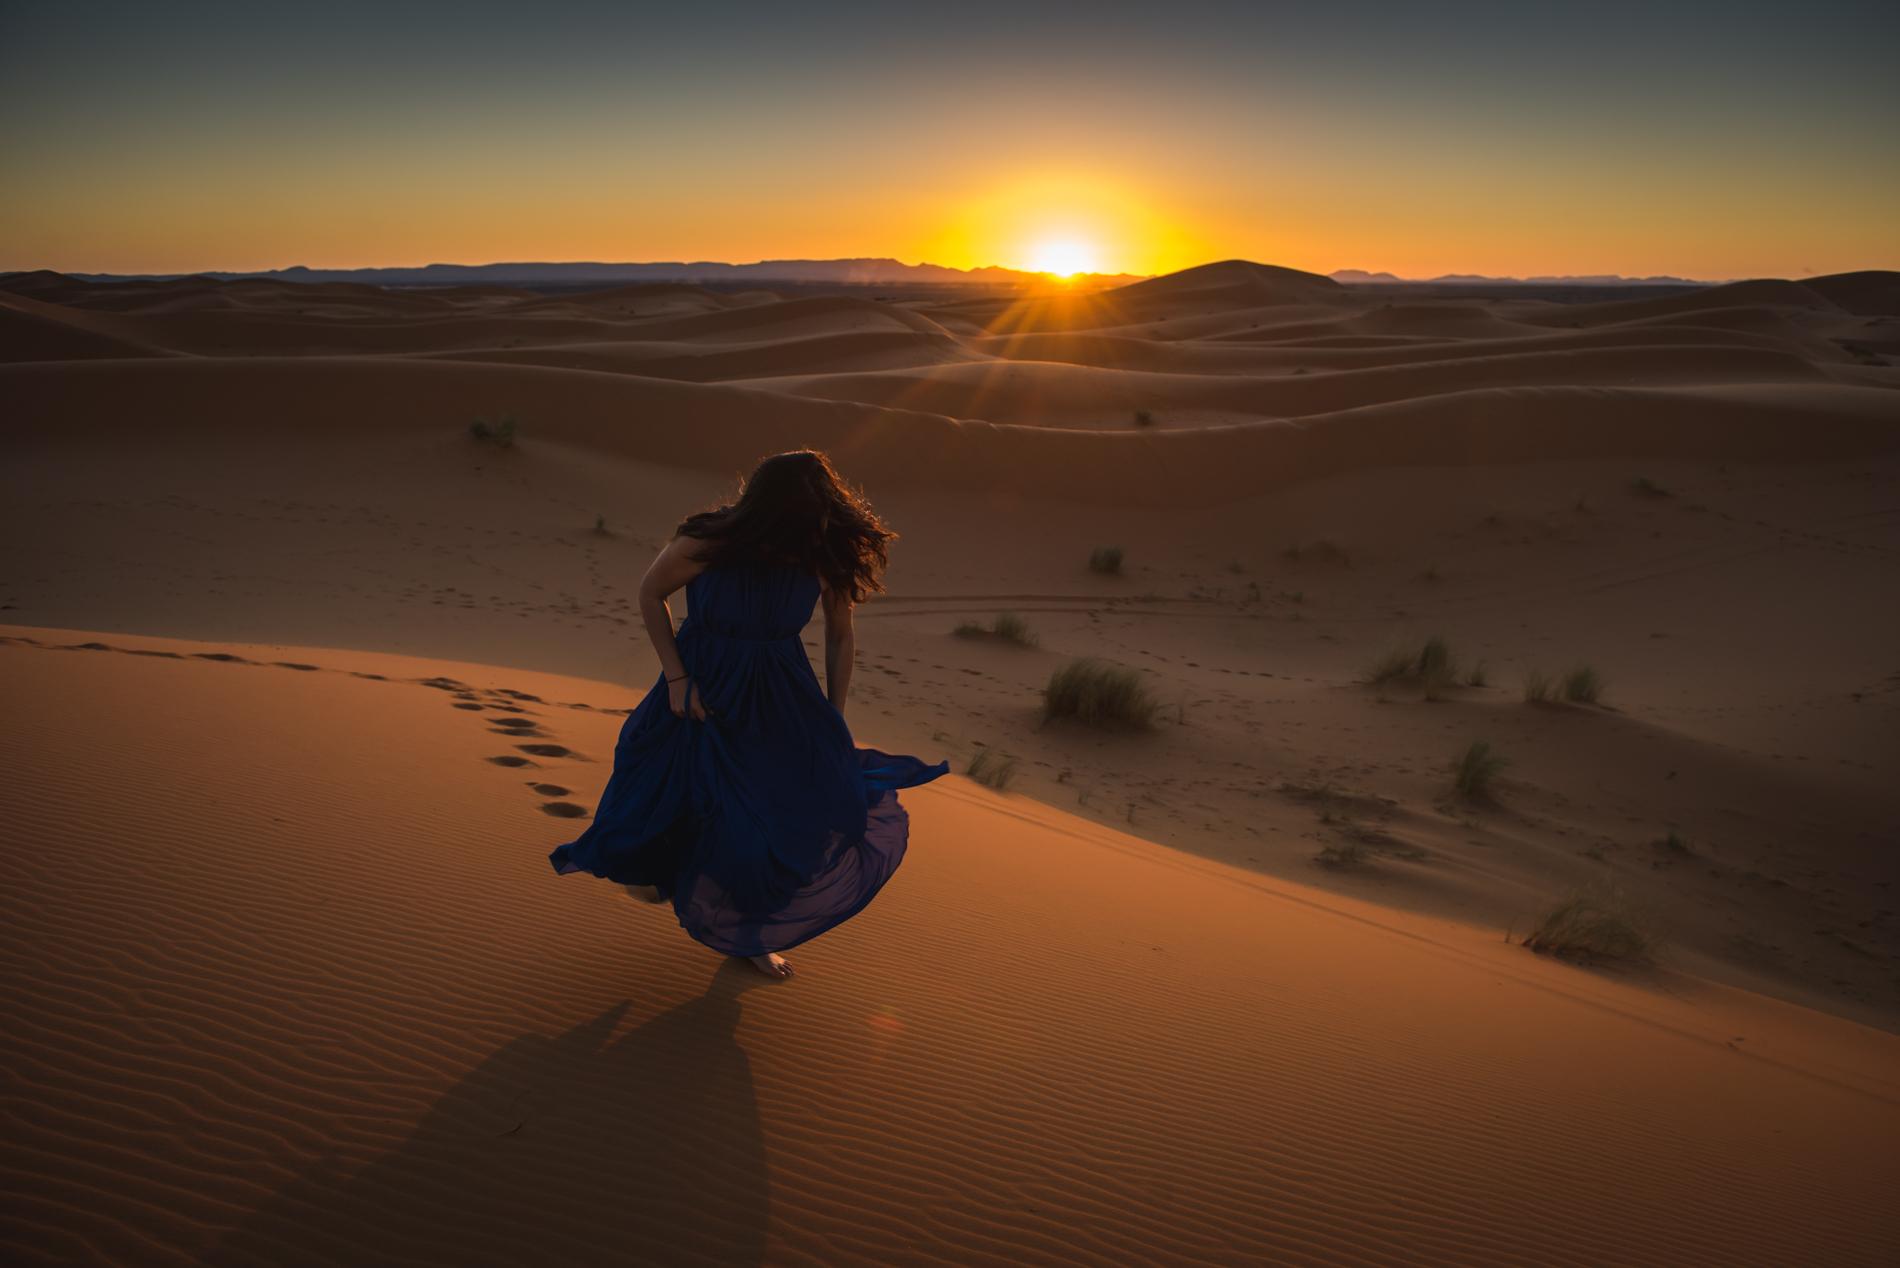 woman-run-desert-blue-dress